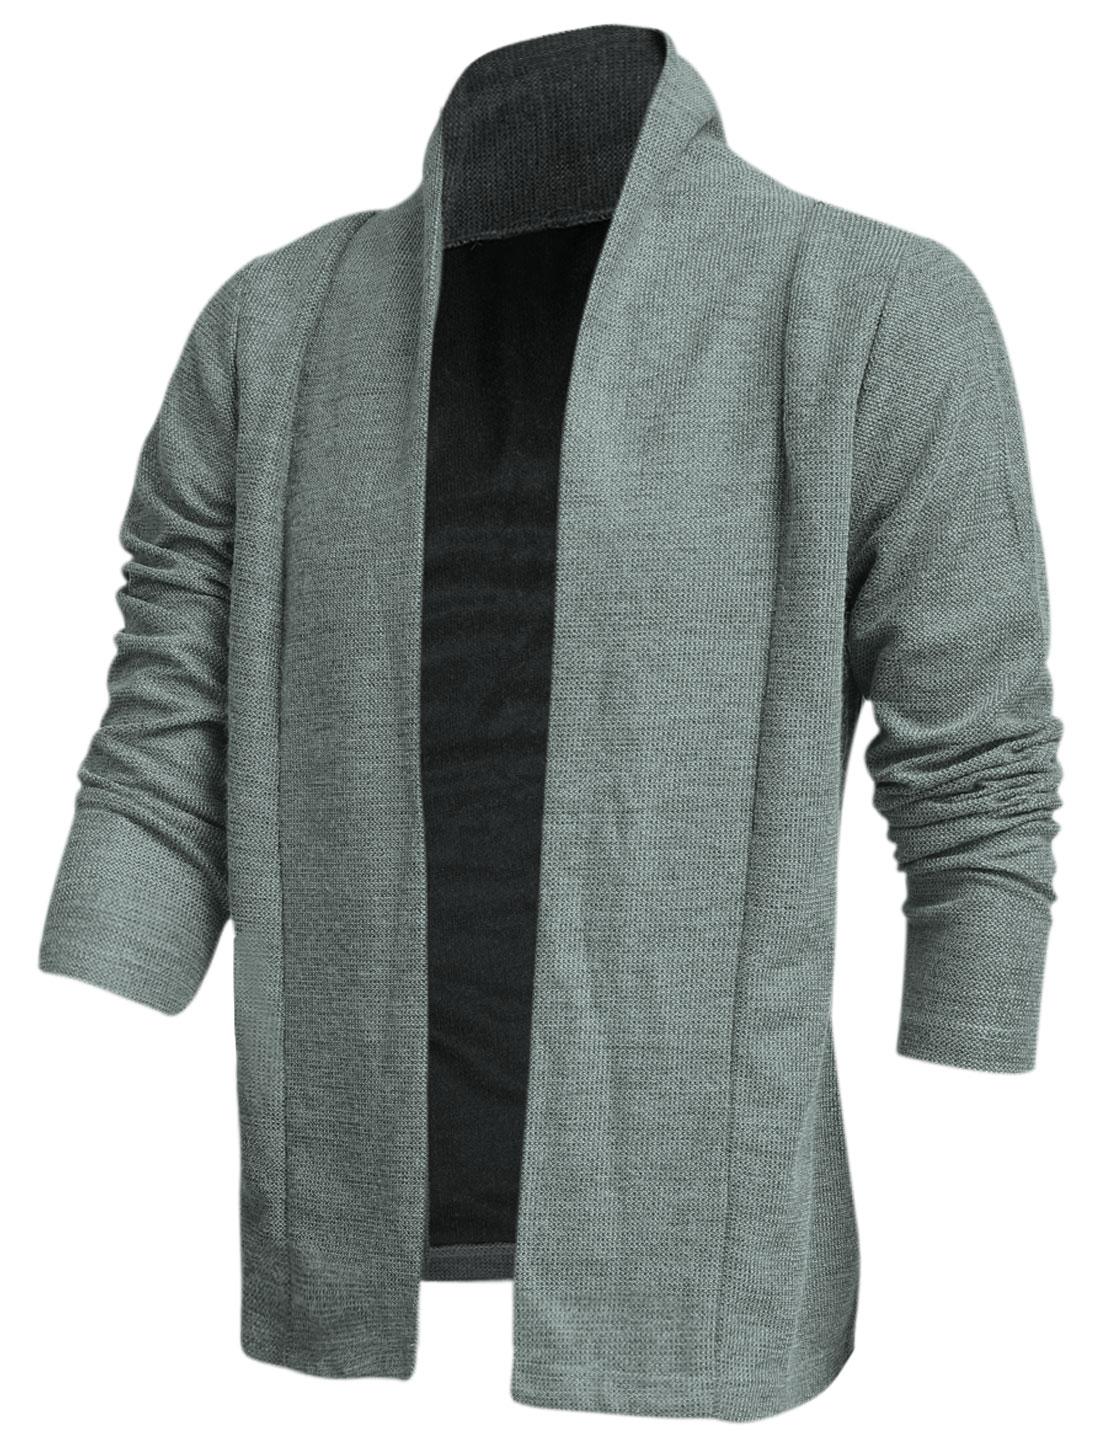 Men Shawl Collar Long Sleeve Stylish Casual Knit Cardigan Light Gray M